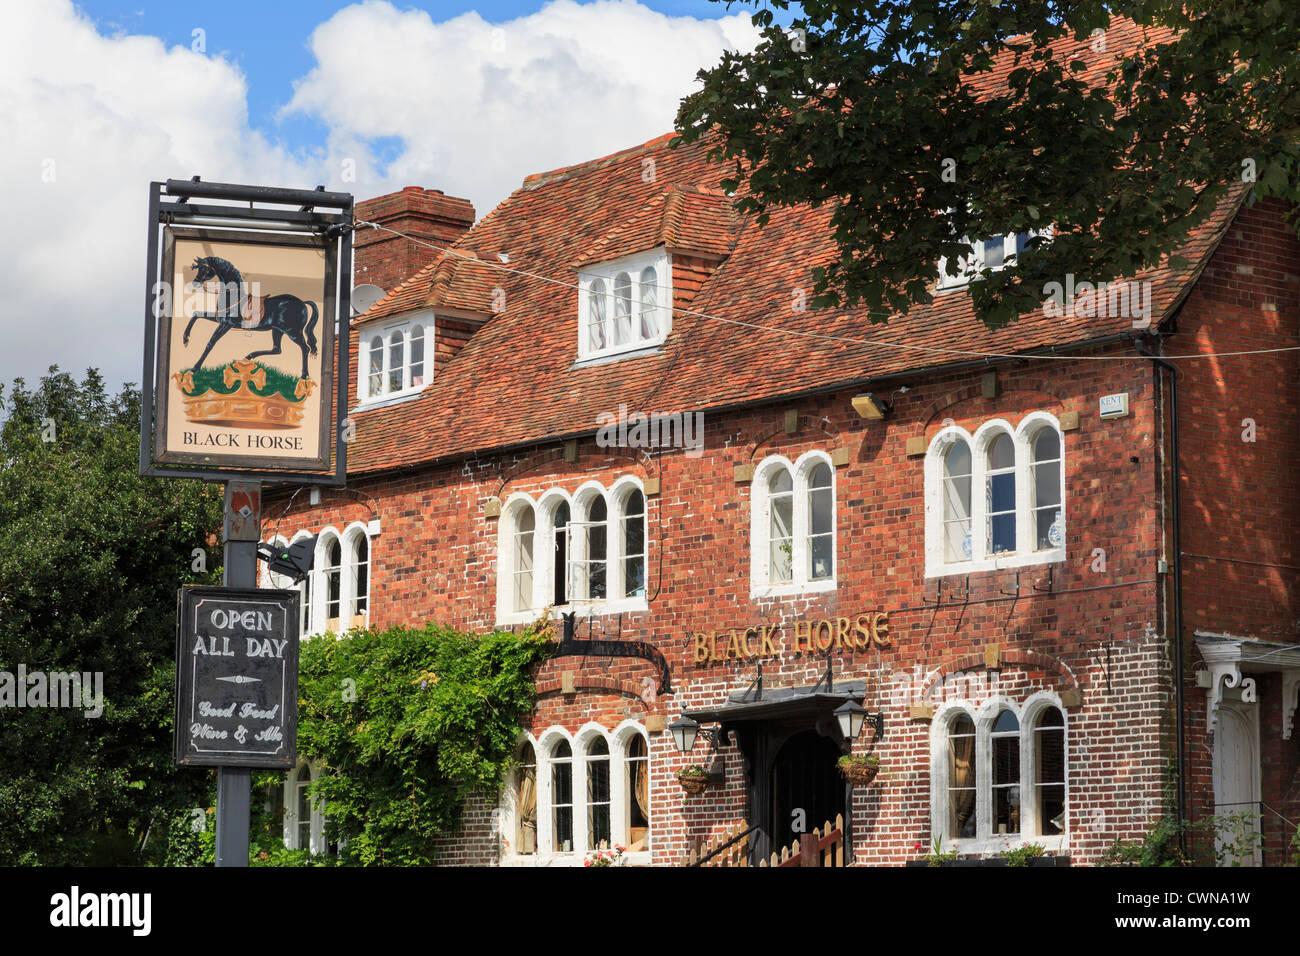 15e siècle Cheval Noir pub réputé pour avoir de fantômes en plus hanté village anglais Photo Stock